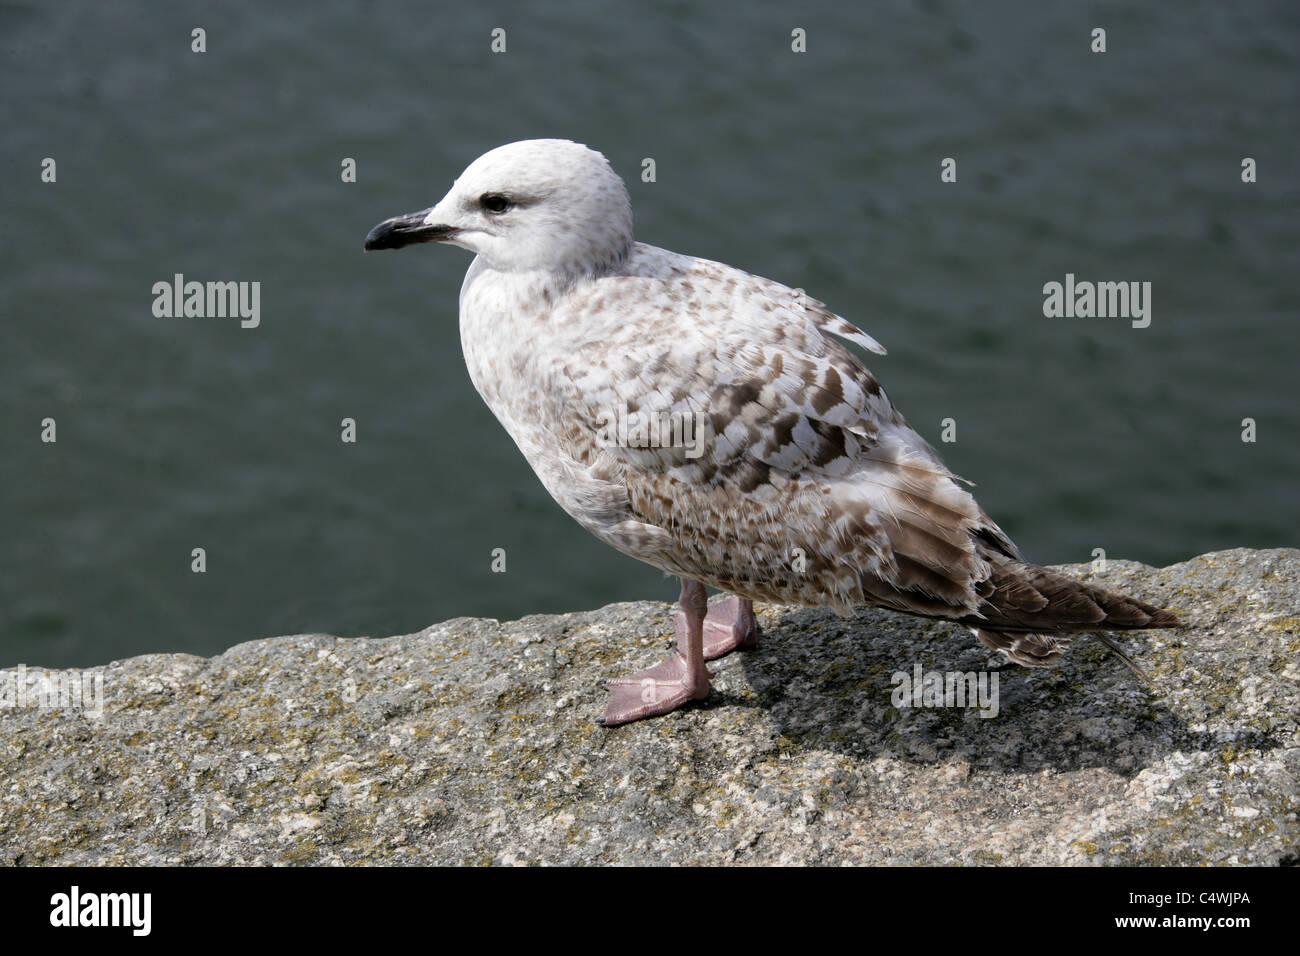 Juvenile Herring Gull, Larus argentatus, Laridae. - Stock Image